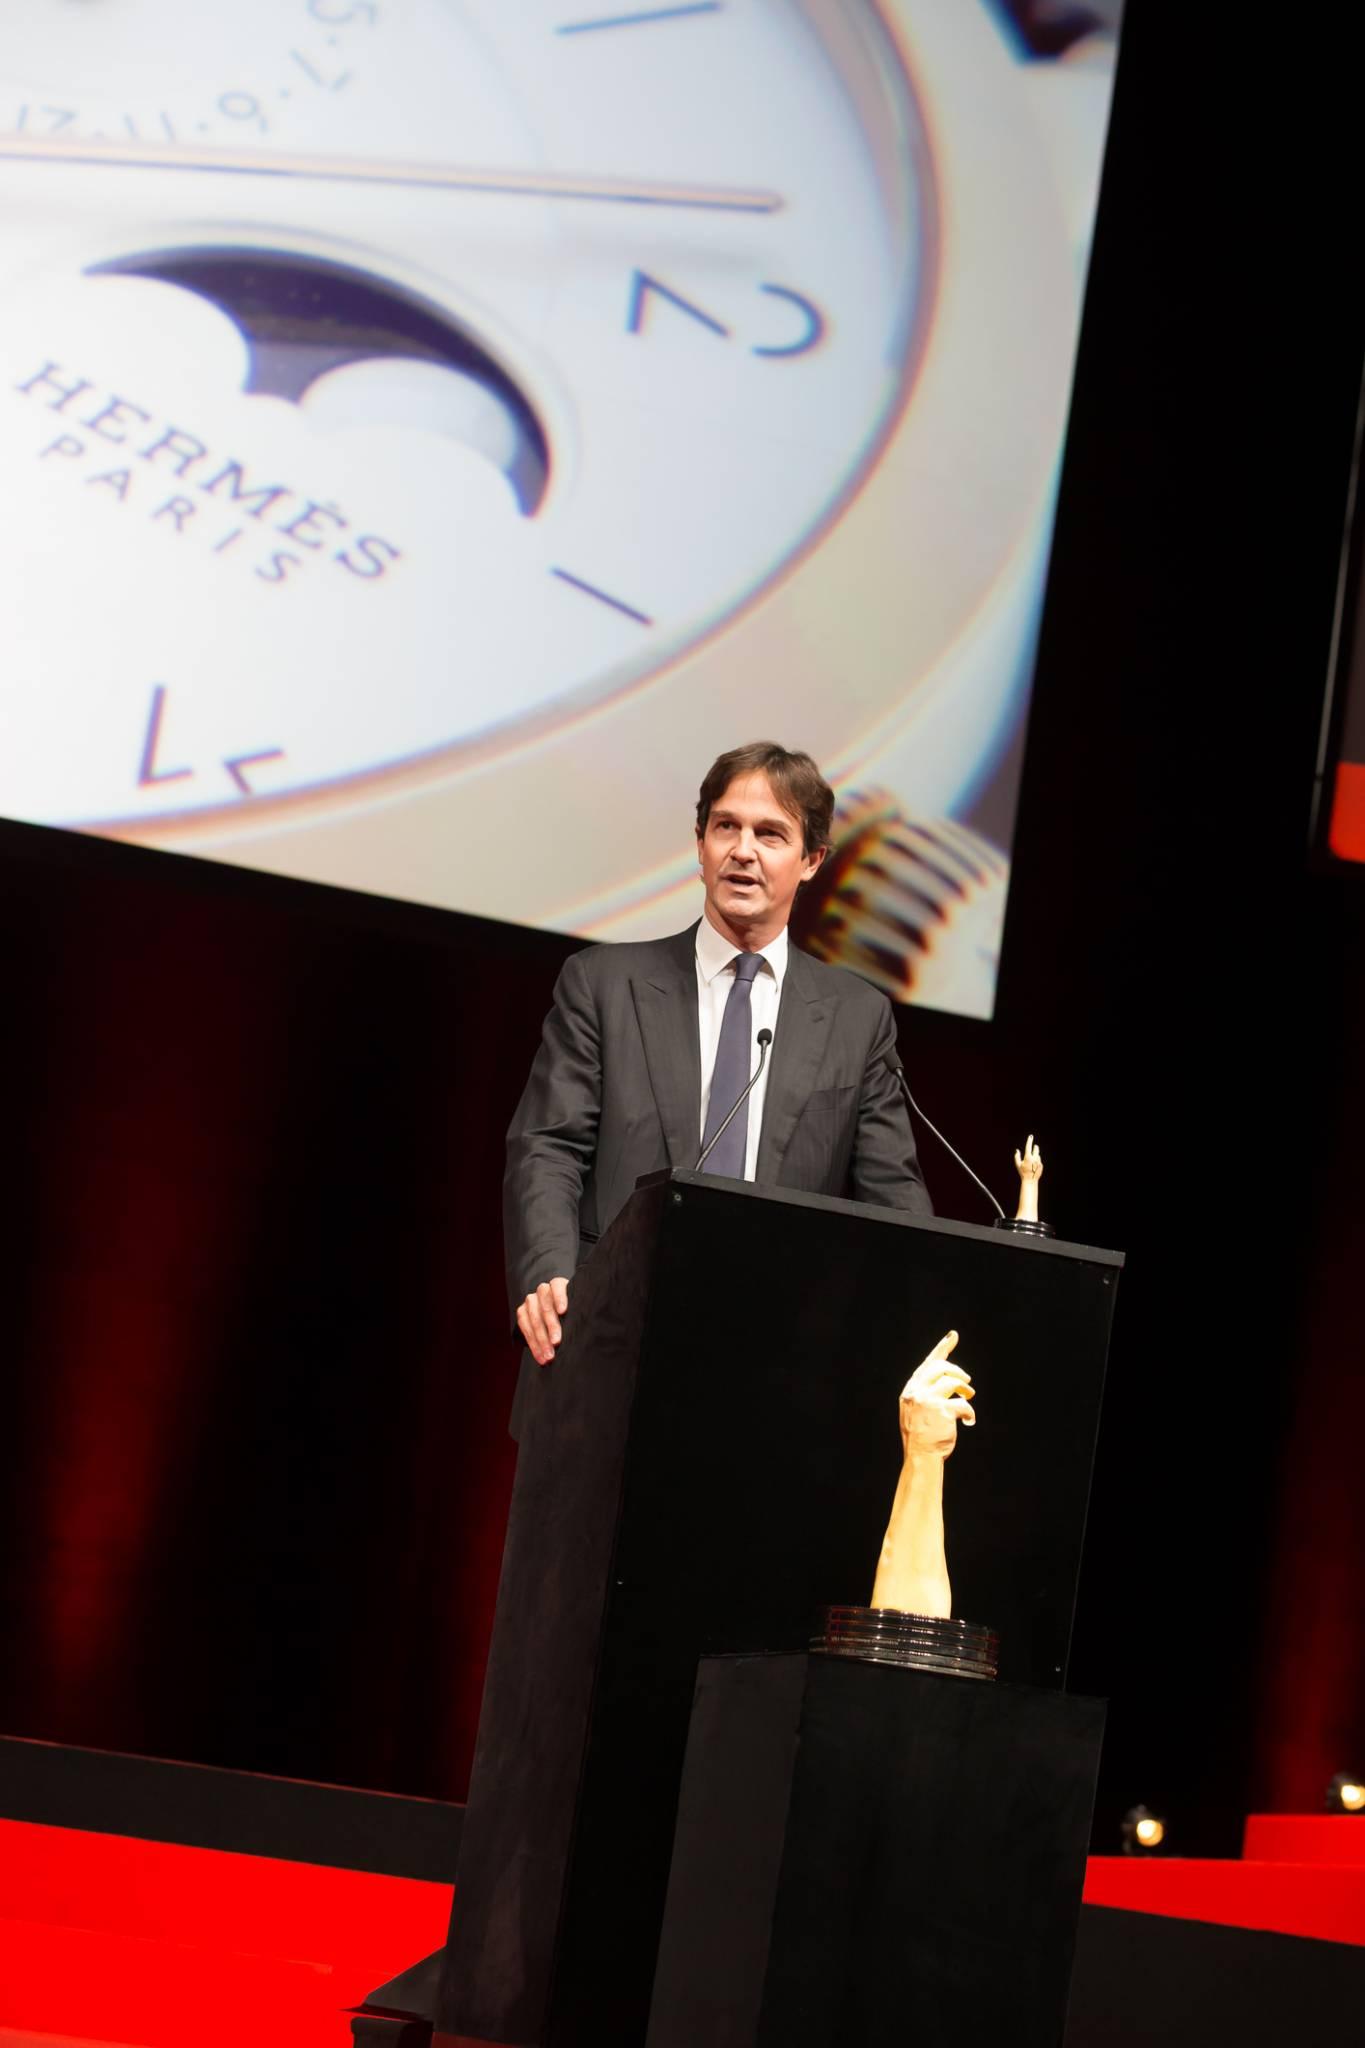 Laurent Dordet (Directeur général de la Montre Hermès, marque lauréate du Prix de la Montre Calendrier 2015)